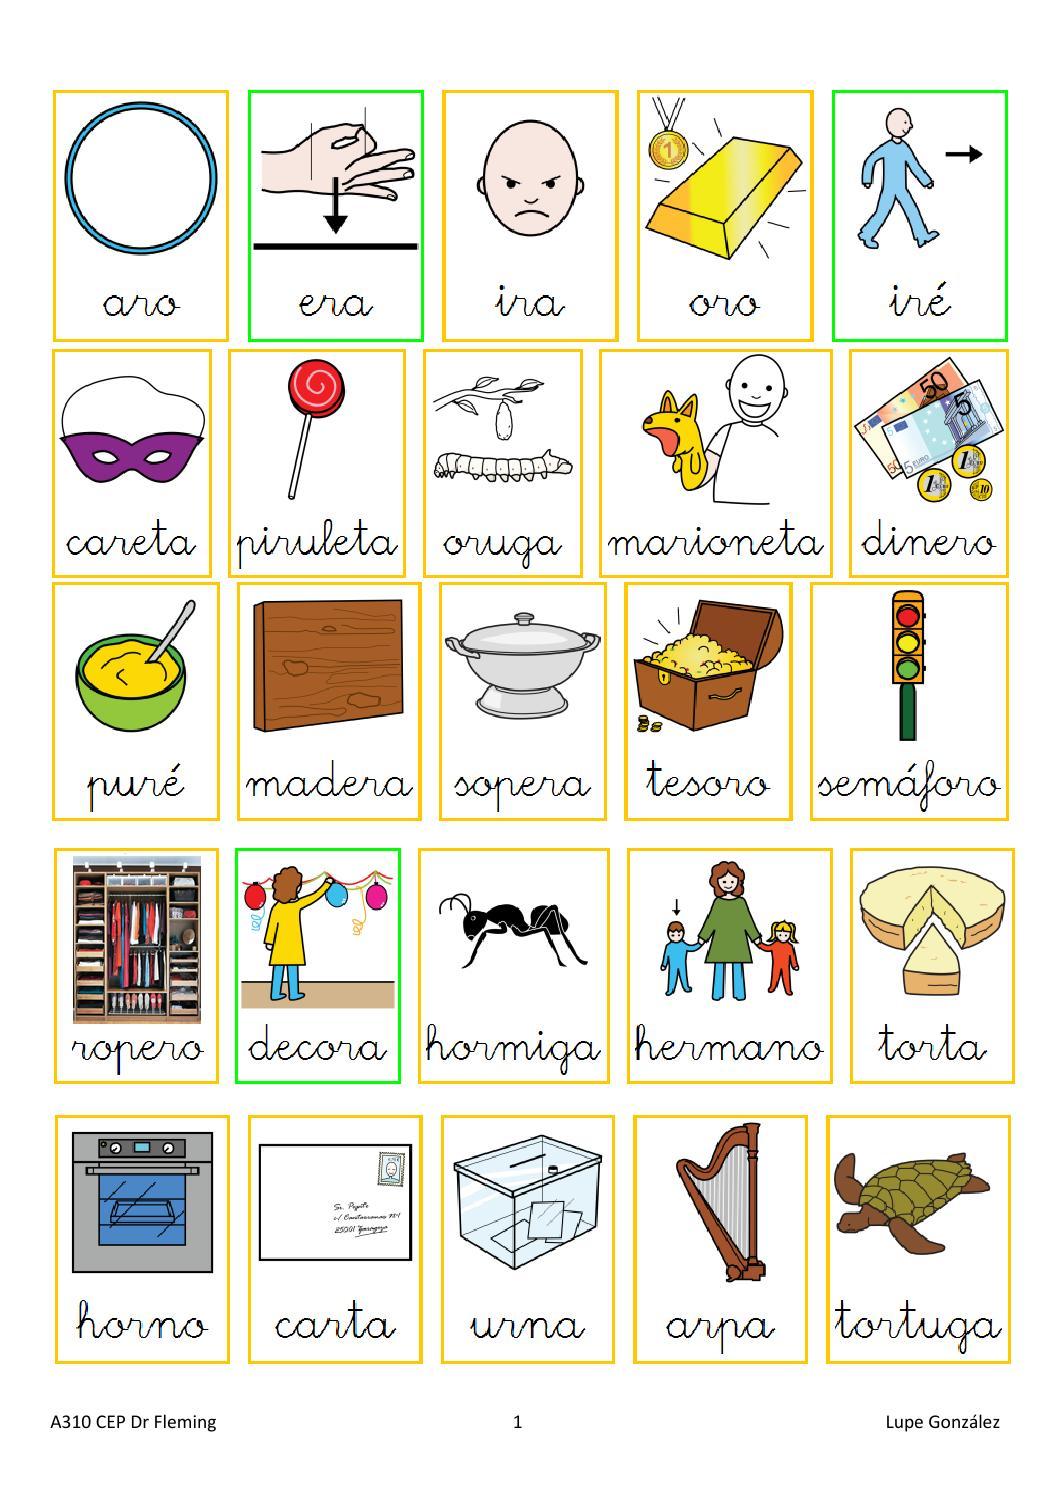 Palabras con dr dra dre dri dro dru by logopedia for Oraciones con la palabra beta